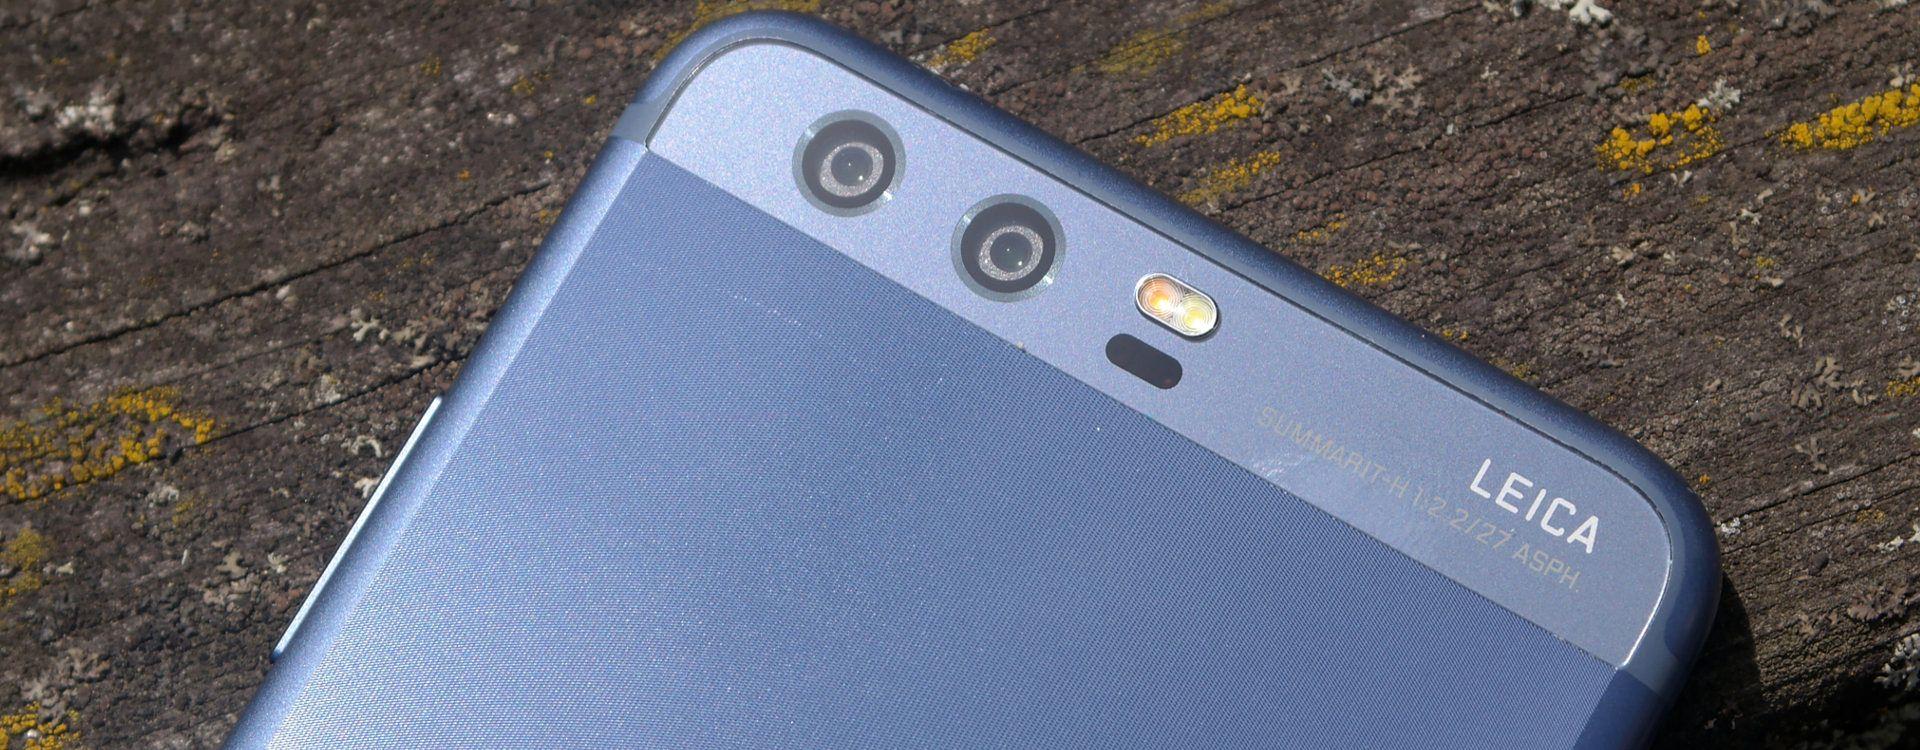 Huawei P10 Test Recenzja I Opinia Komórkomania Pl